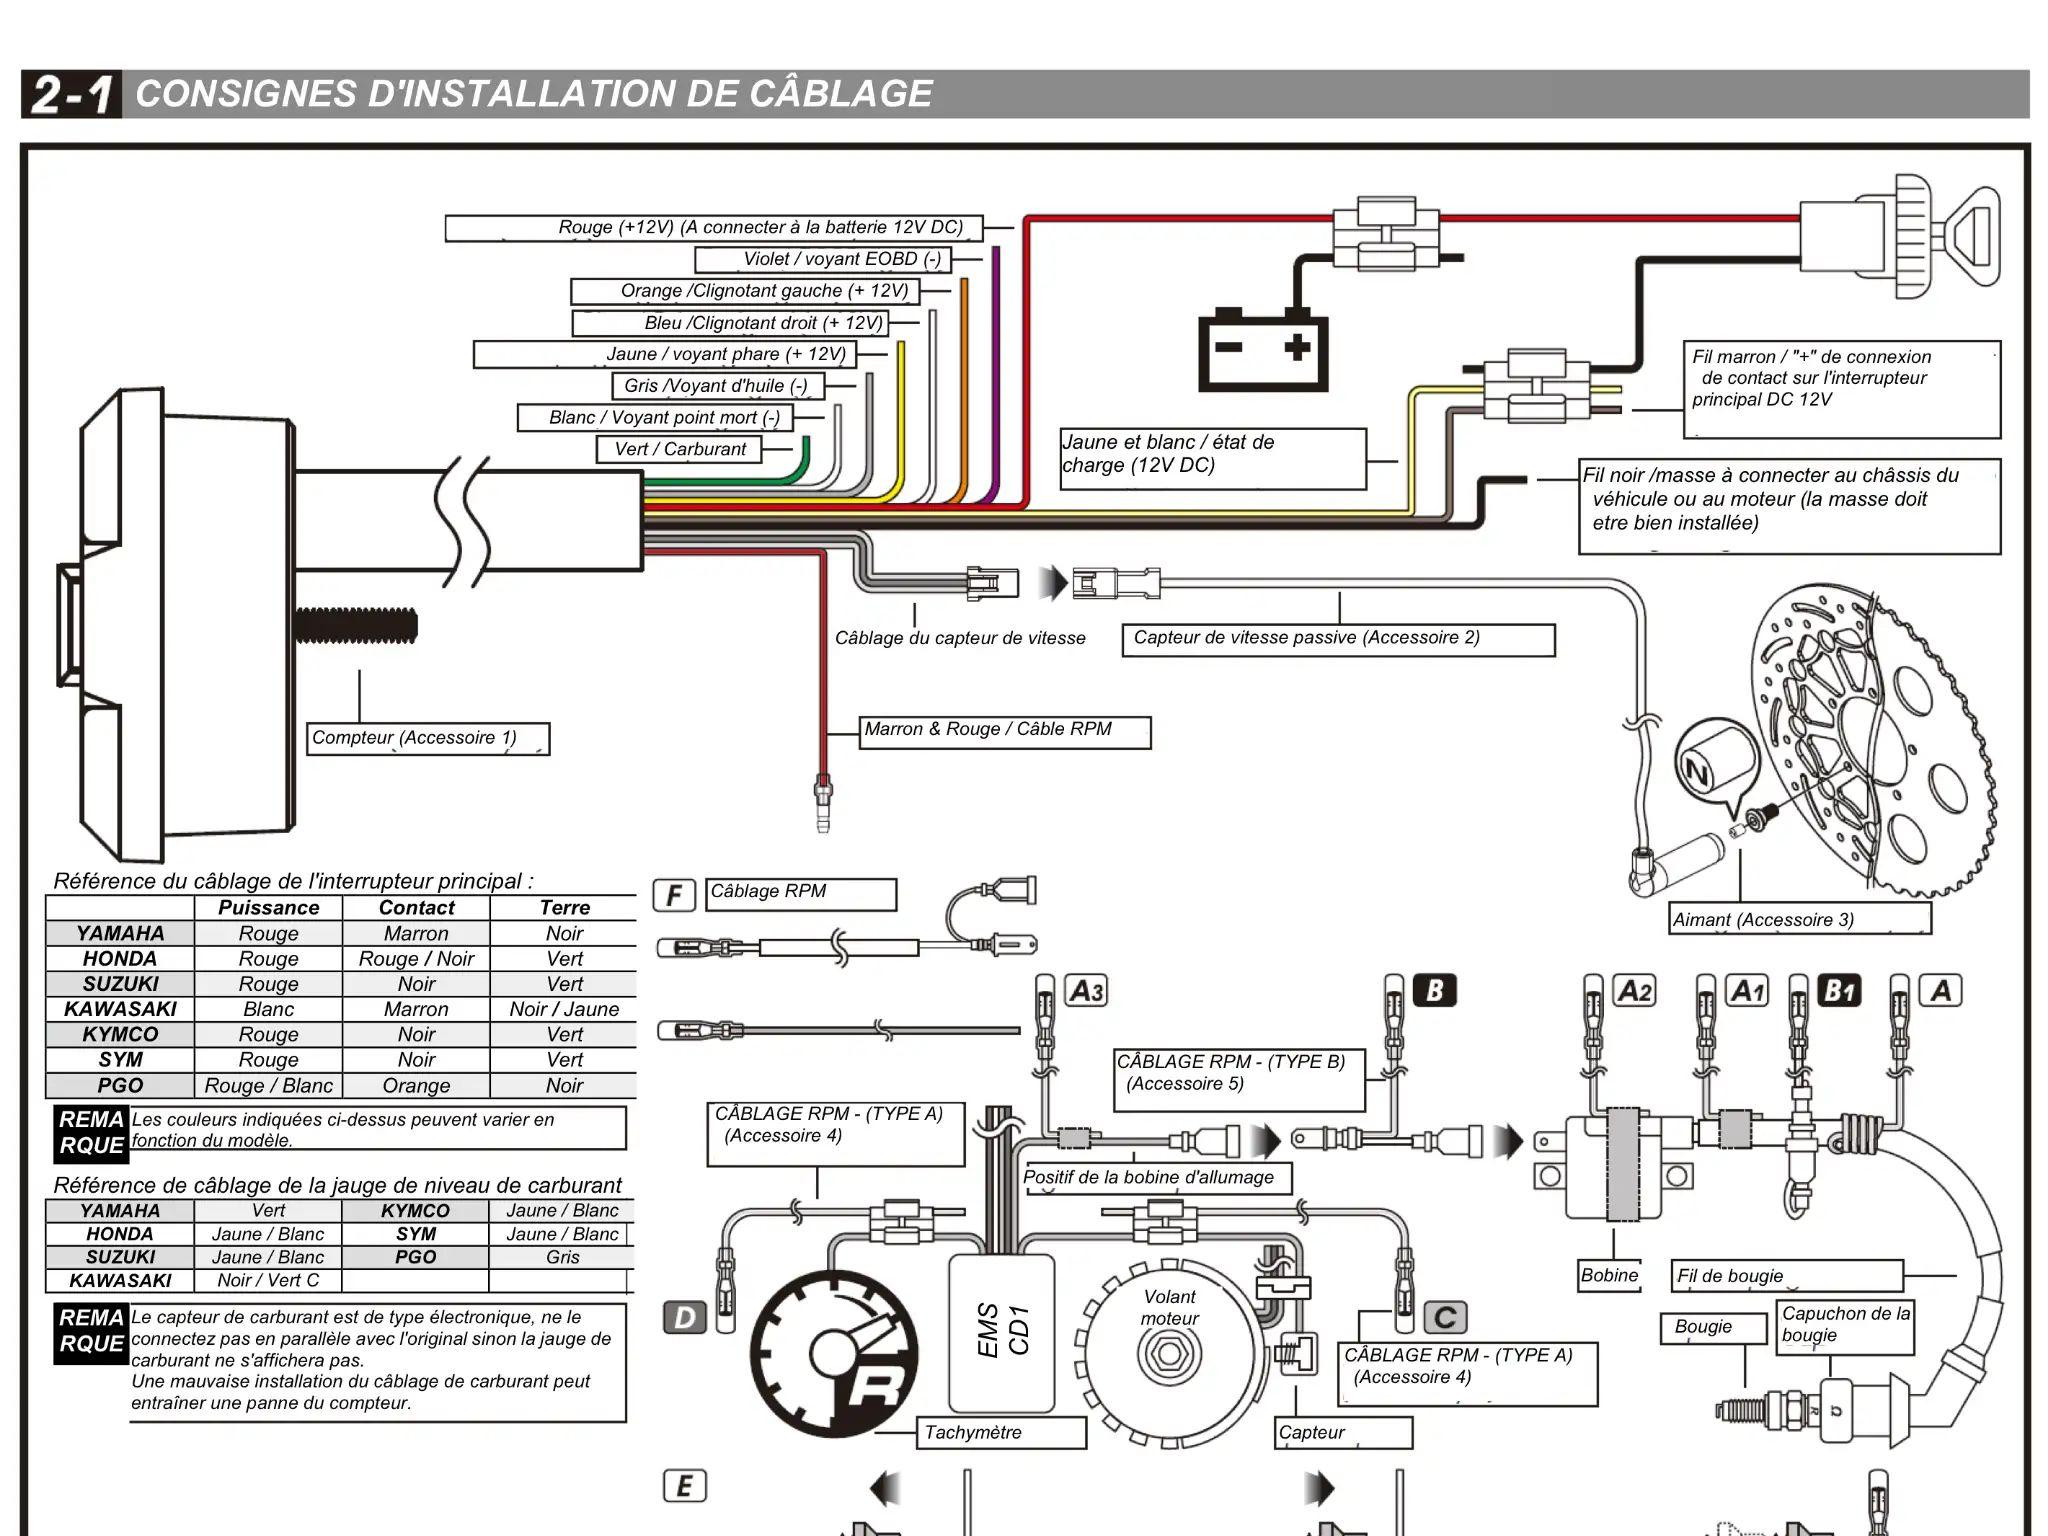 isuzu schema cablage compteur de vitesse